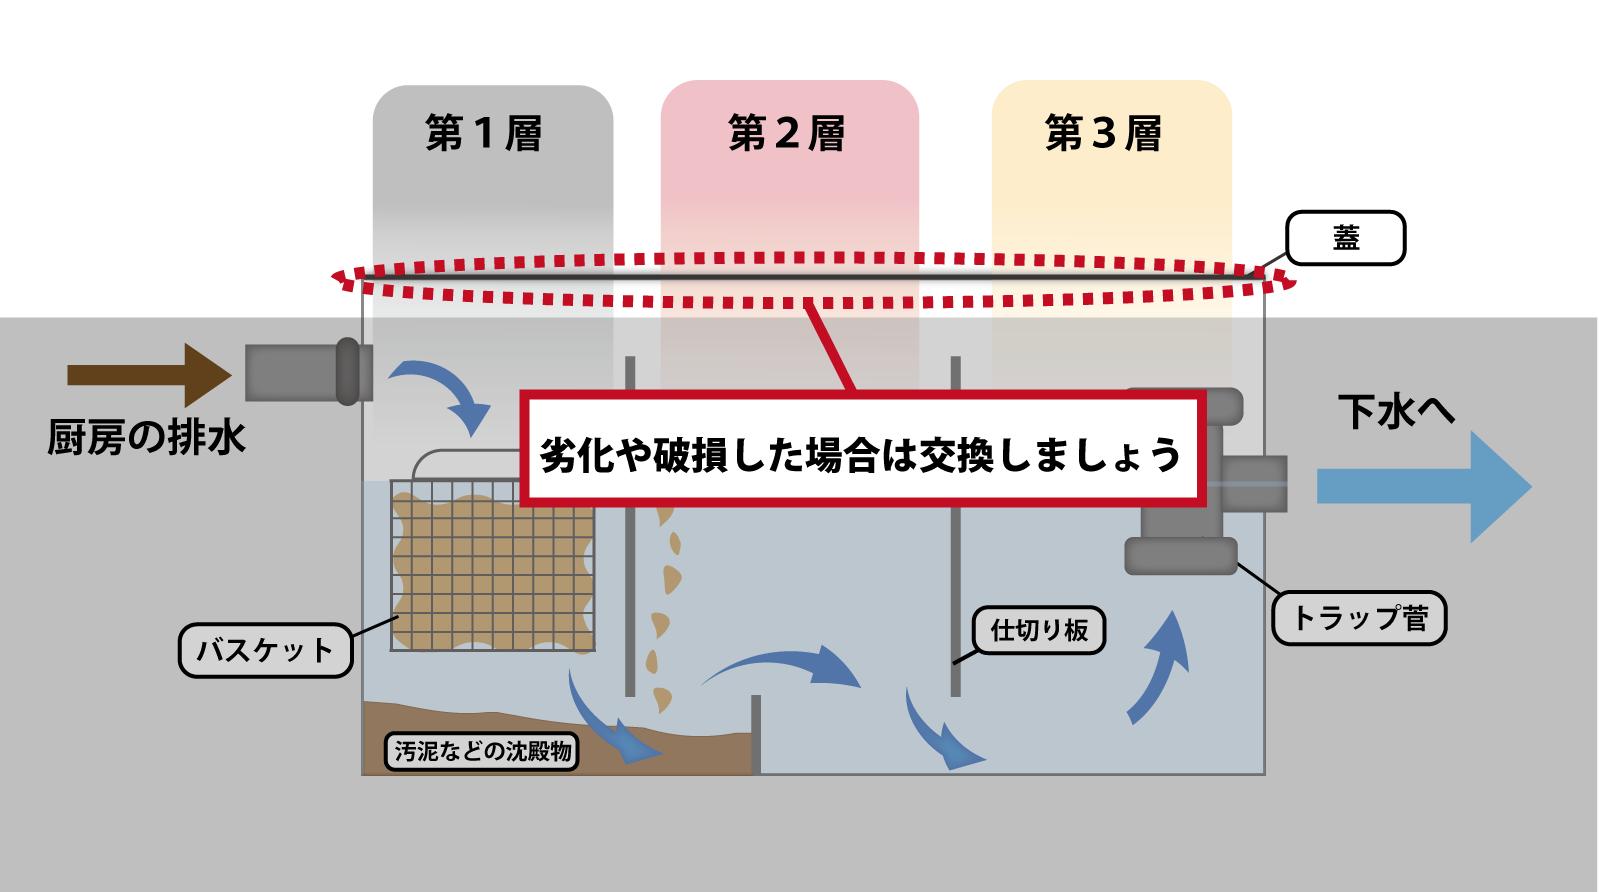 グリストラップのトラップ管に注目した断面図